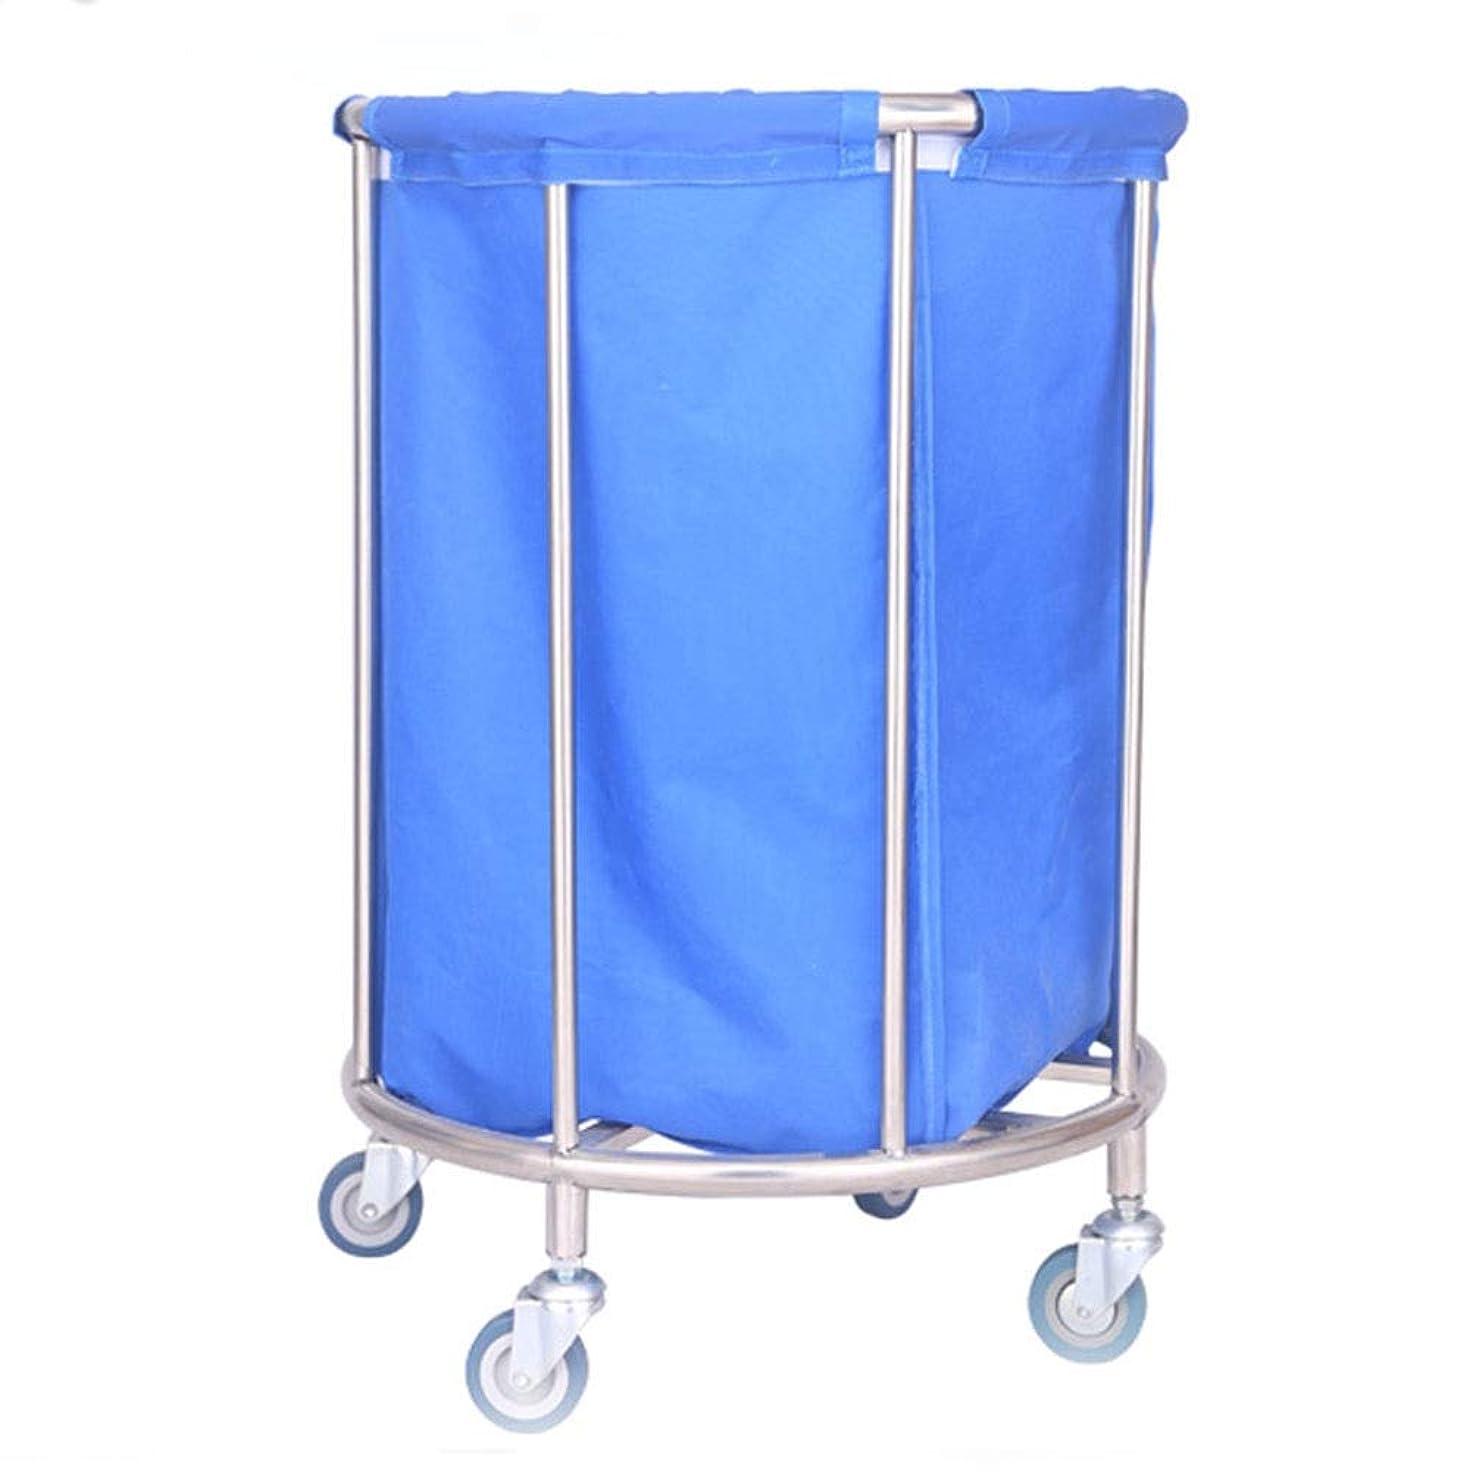 半球と組むとティーム円形のホテルサービストロリー、取り外し可能な青い袋が付いている圧延の洗濯物の防止装置、ステンレス鋼フレーム、50×90cm